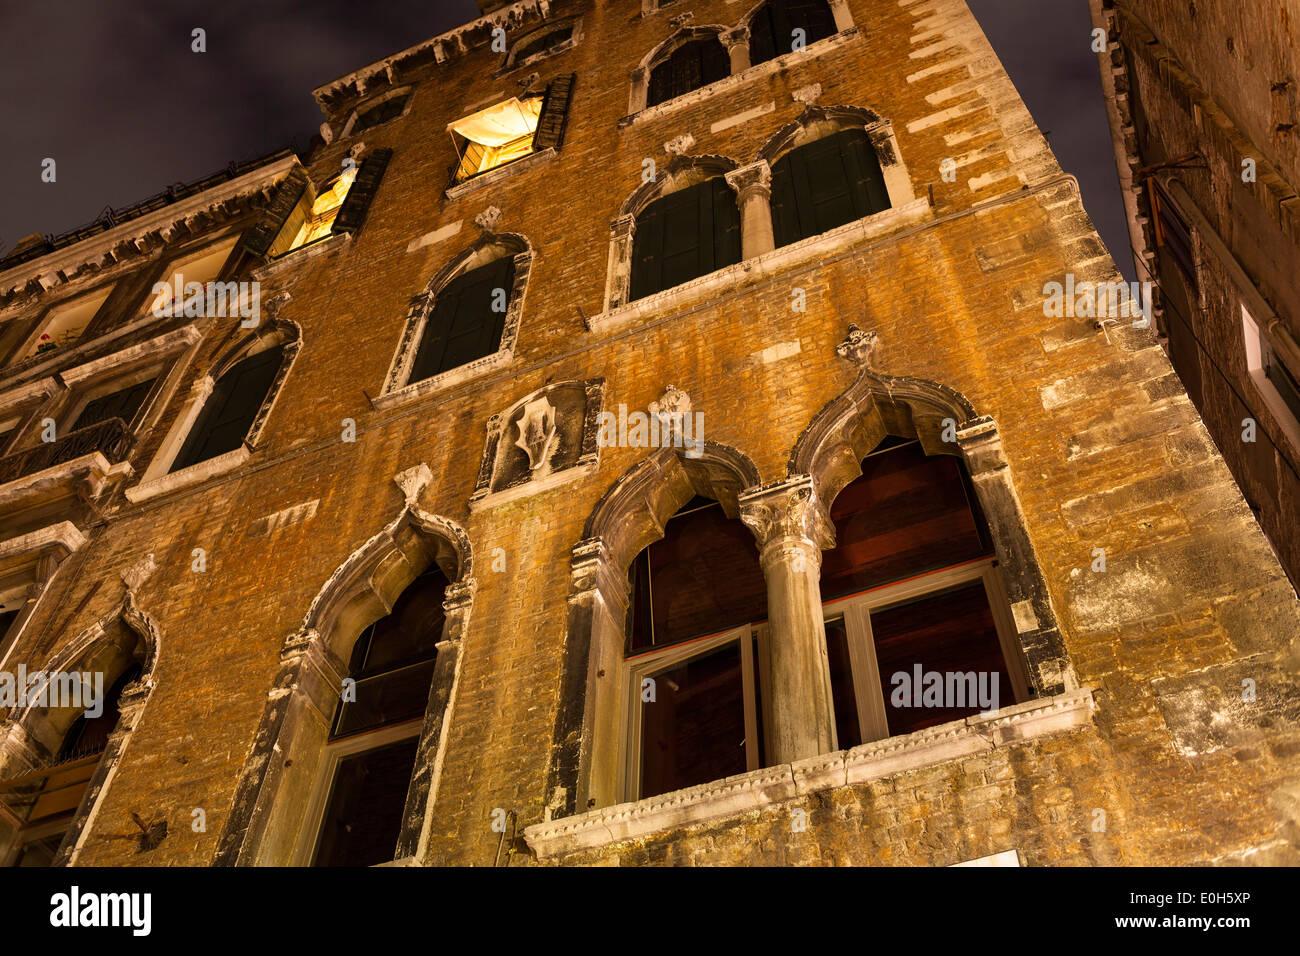 Fassade des Hauses, Venedig bei Nacht, Venetien, Italien, Europa Stockbild